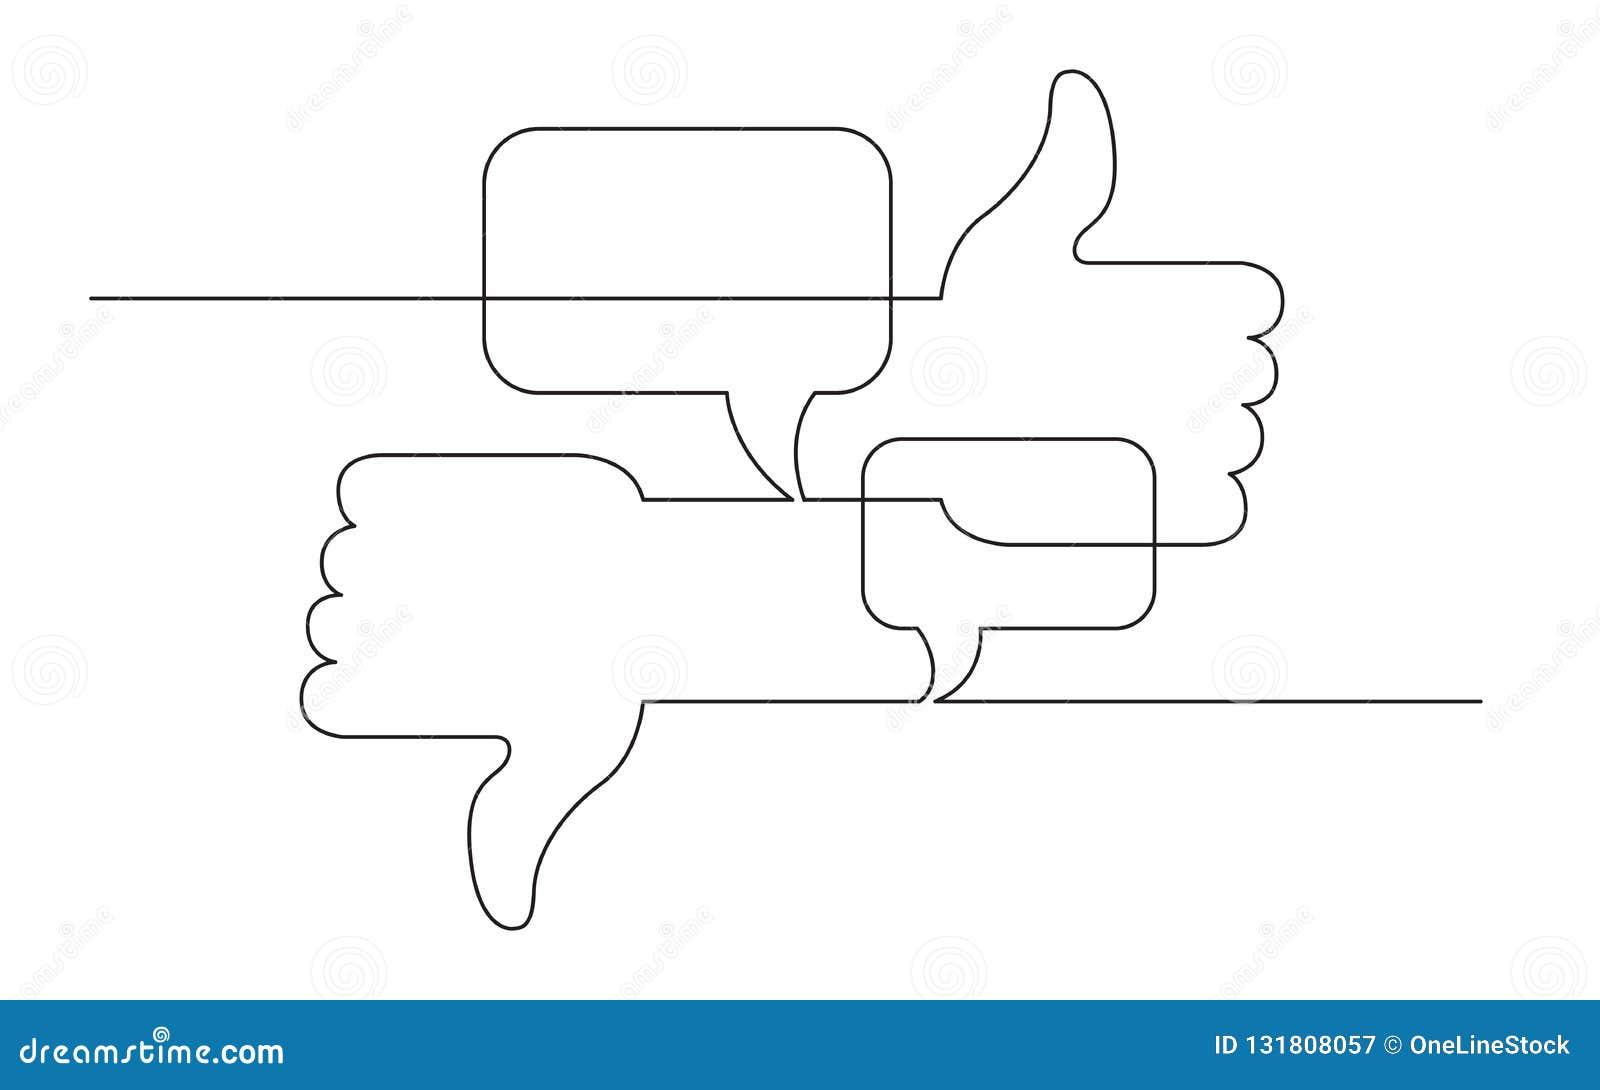 Linea continua disegno di schizzo di concetto dei media sociali come, dell avversione e dei simboli di opinioni